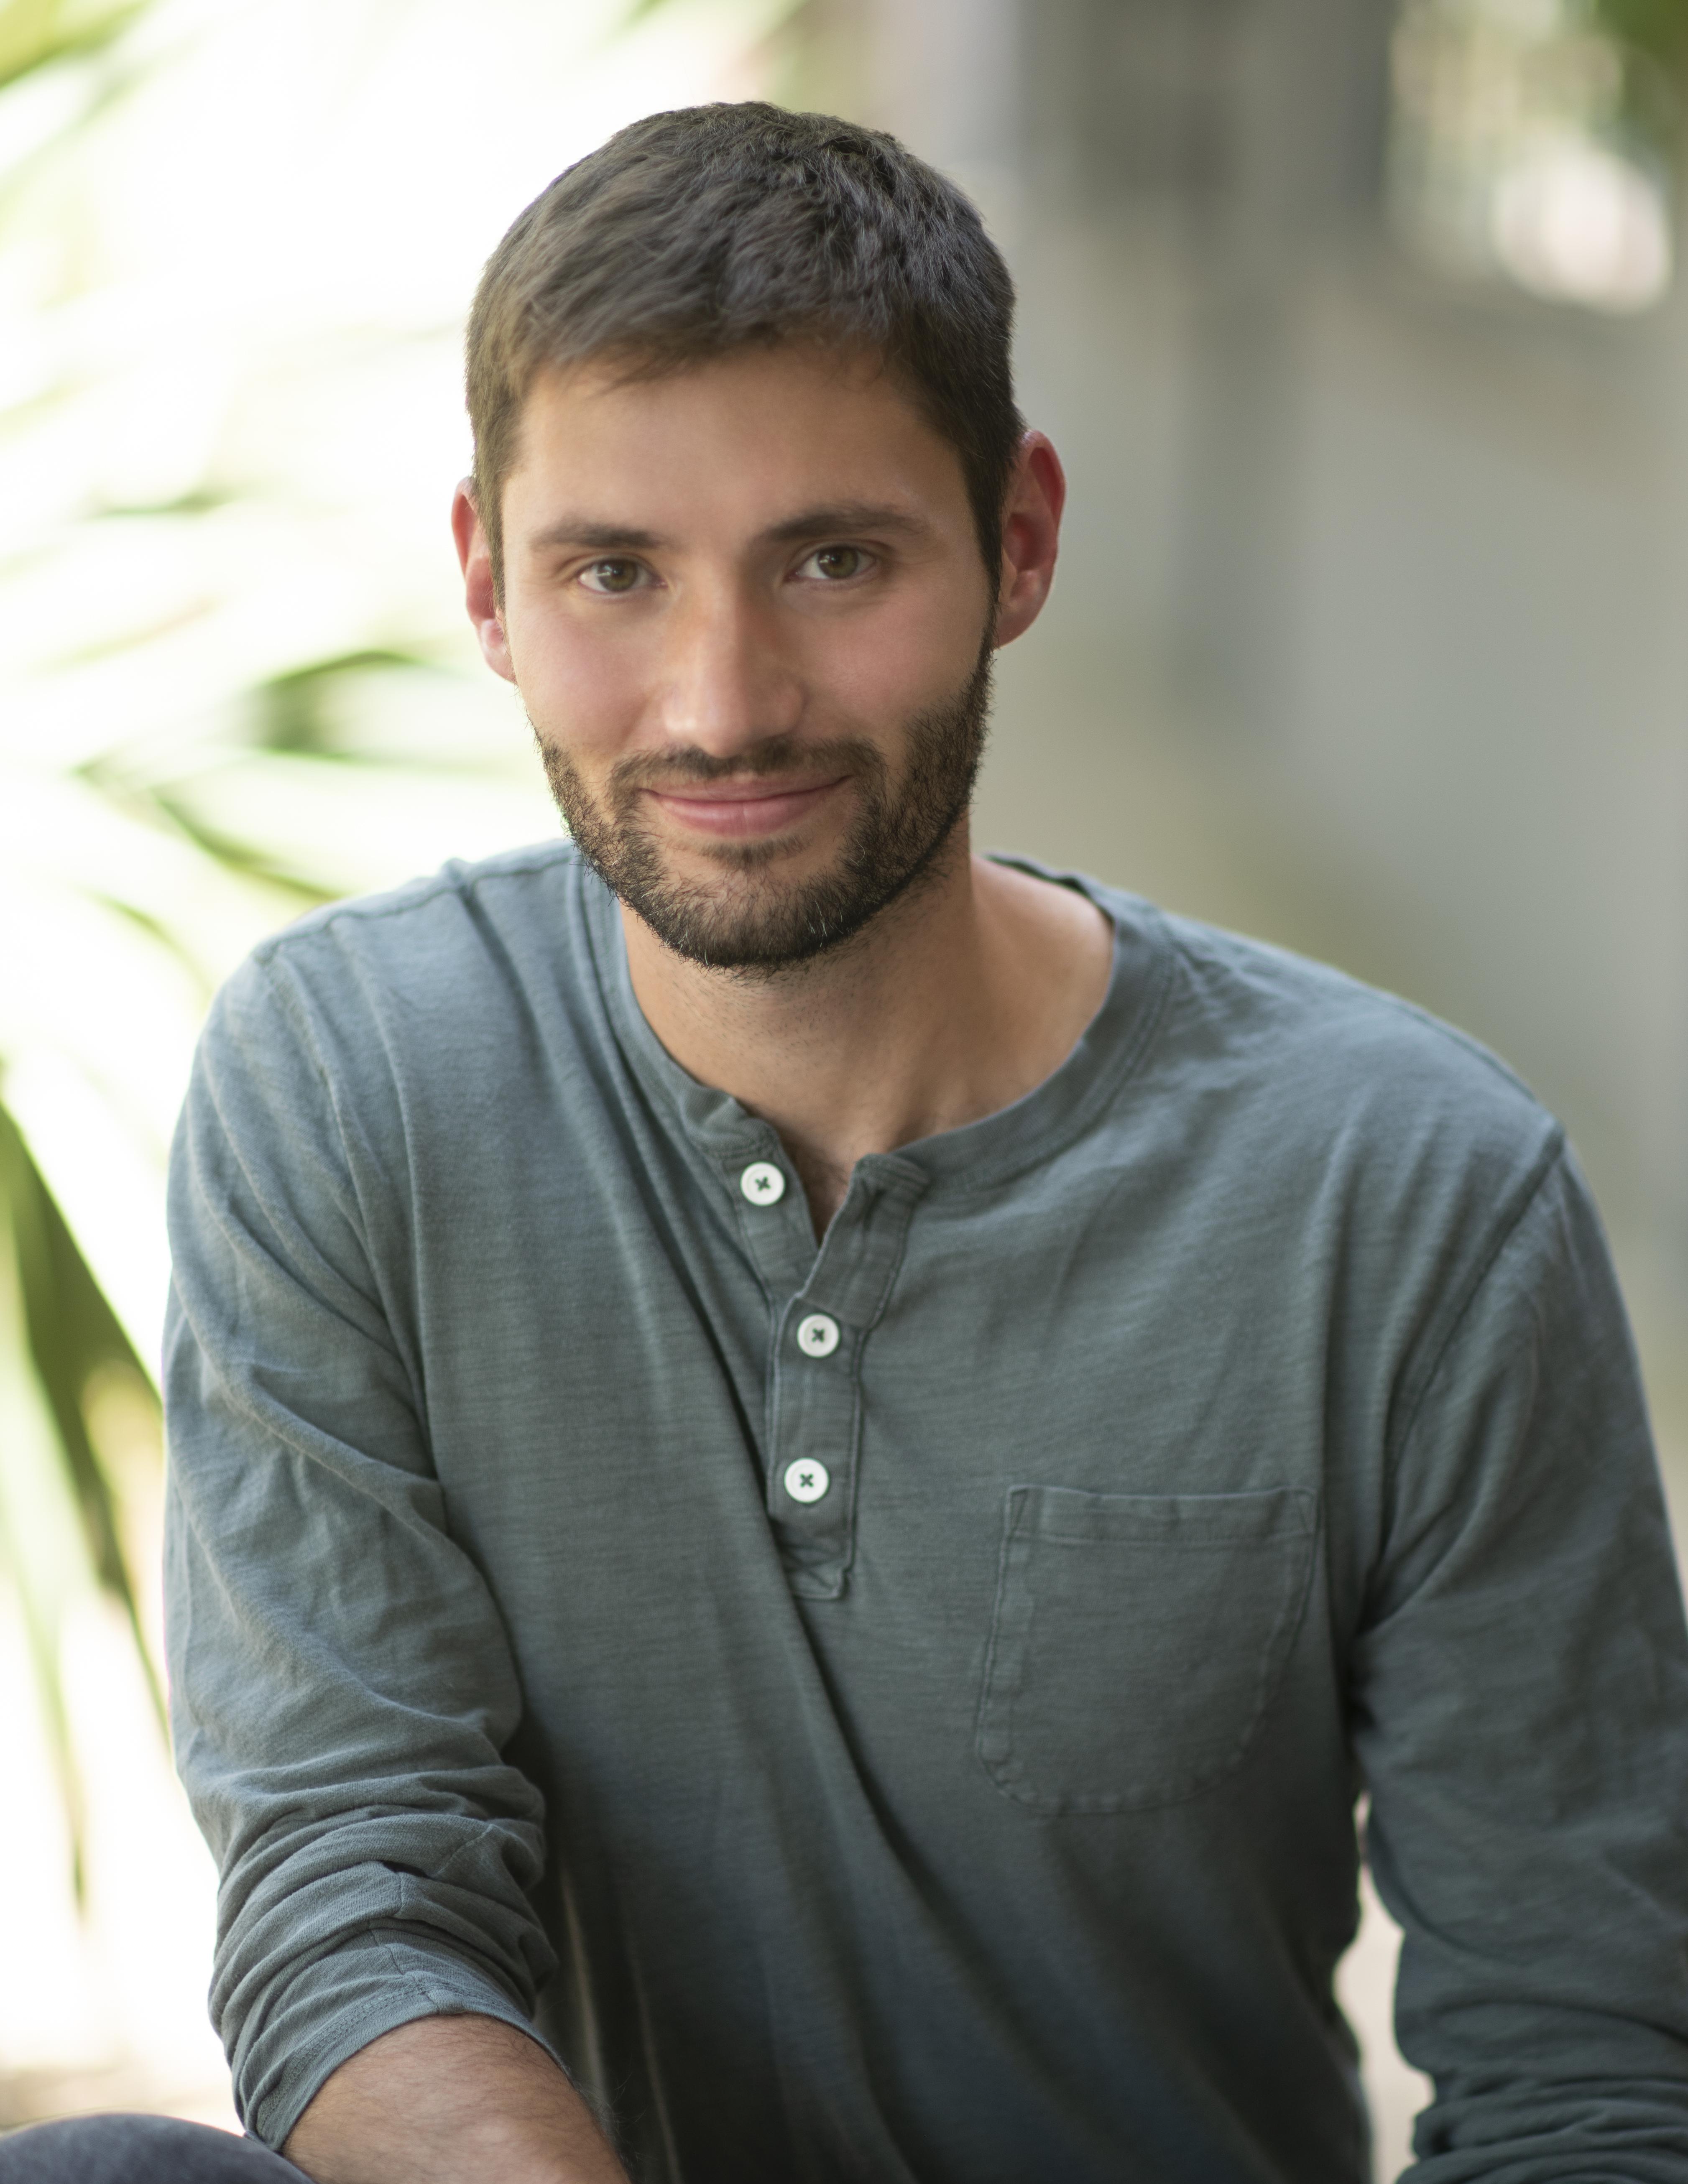 Vince Granata photo